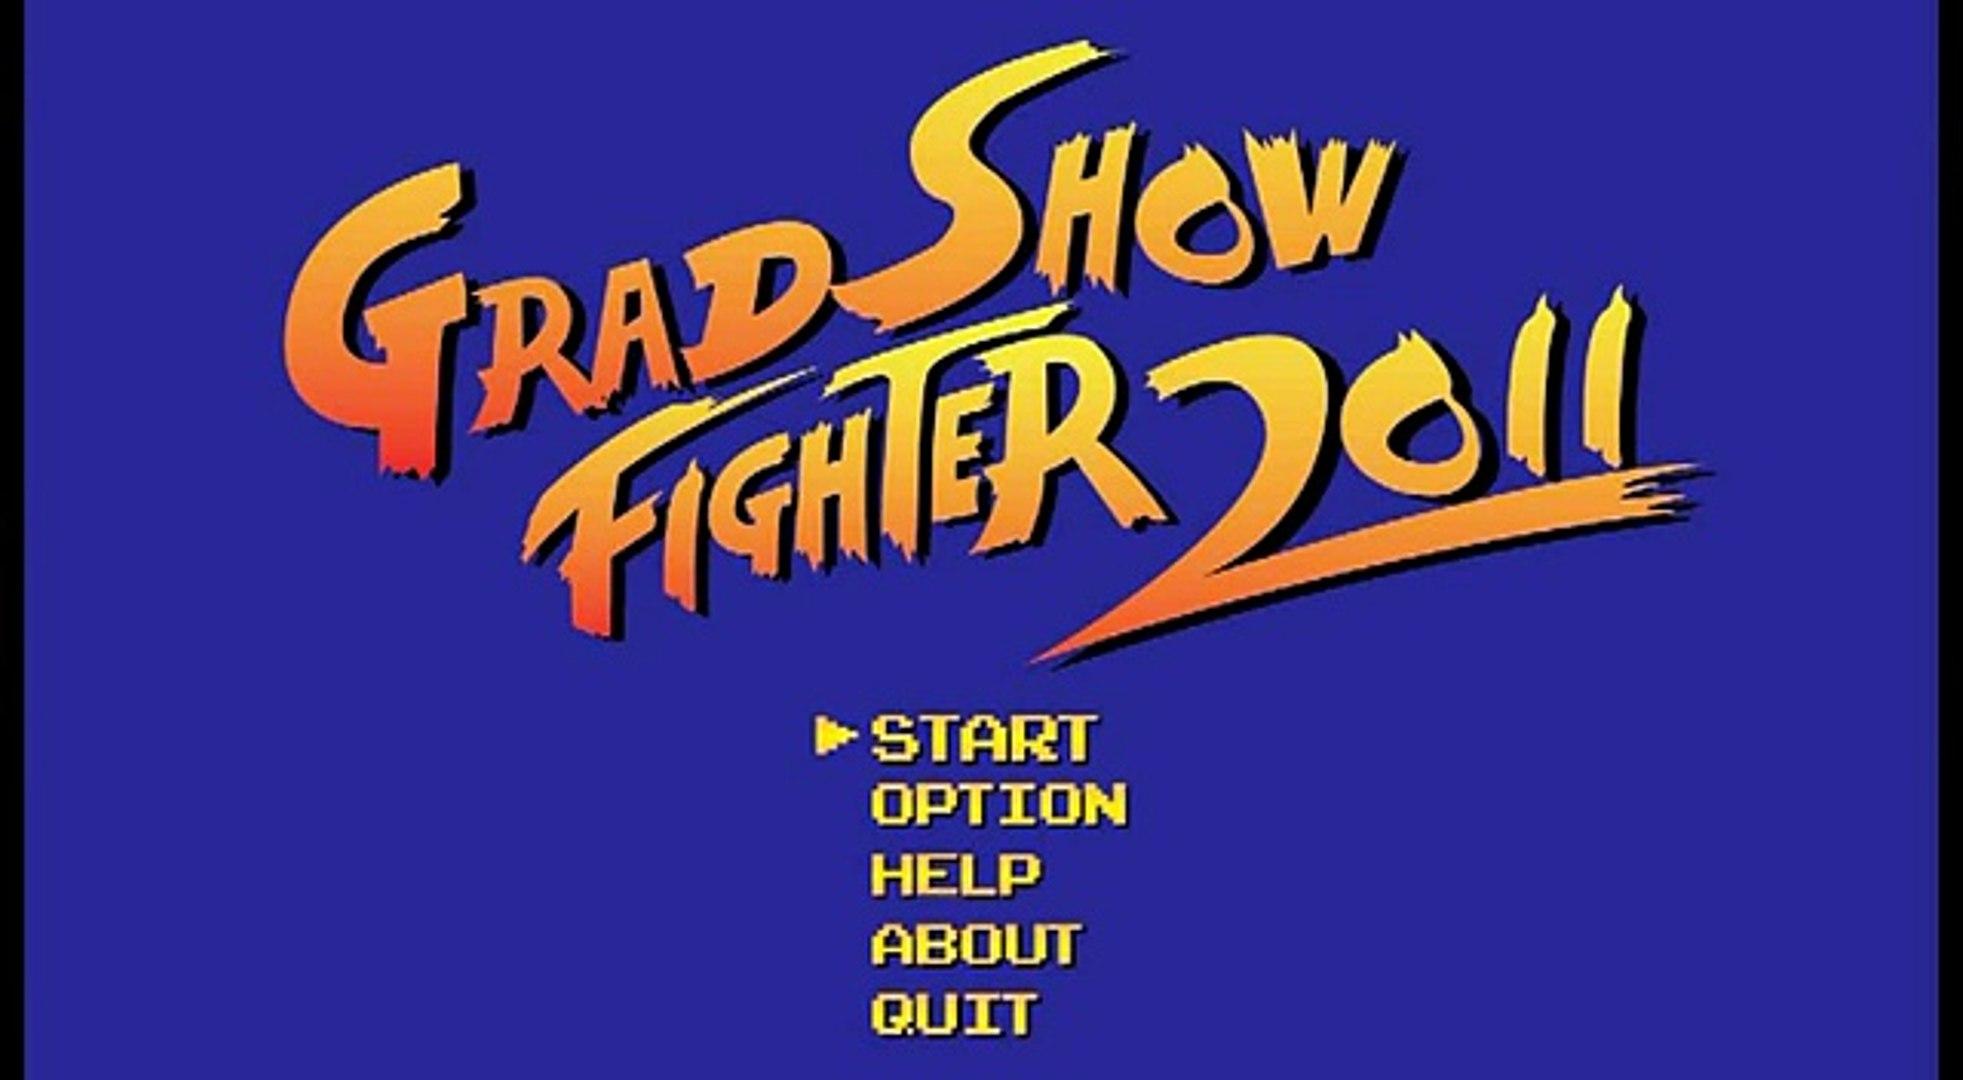 2011筆可思議 GRADUATION SHOW - Grad Show Fighter 2011(1)